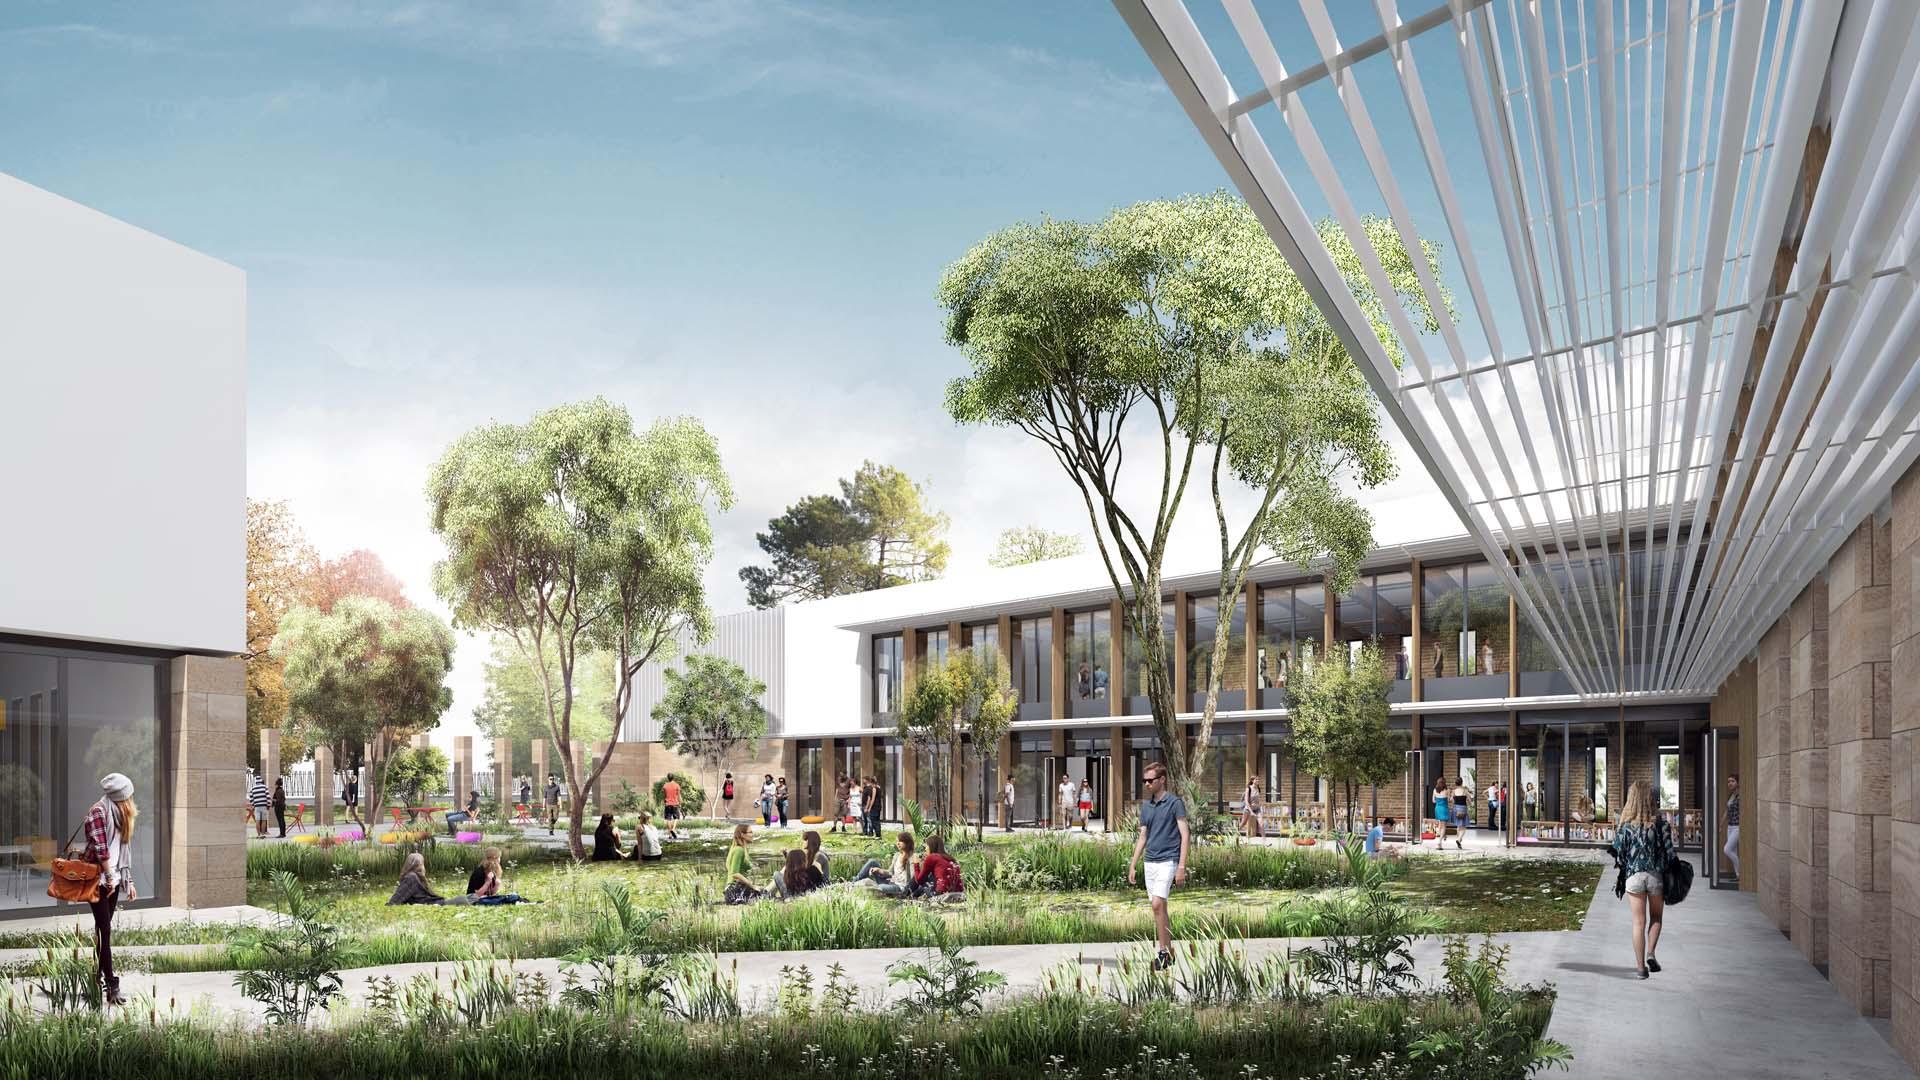 Seuil-Architecture-Construction-Lycée-Bourdelle-04